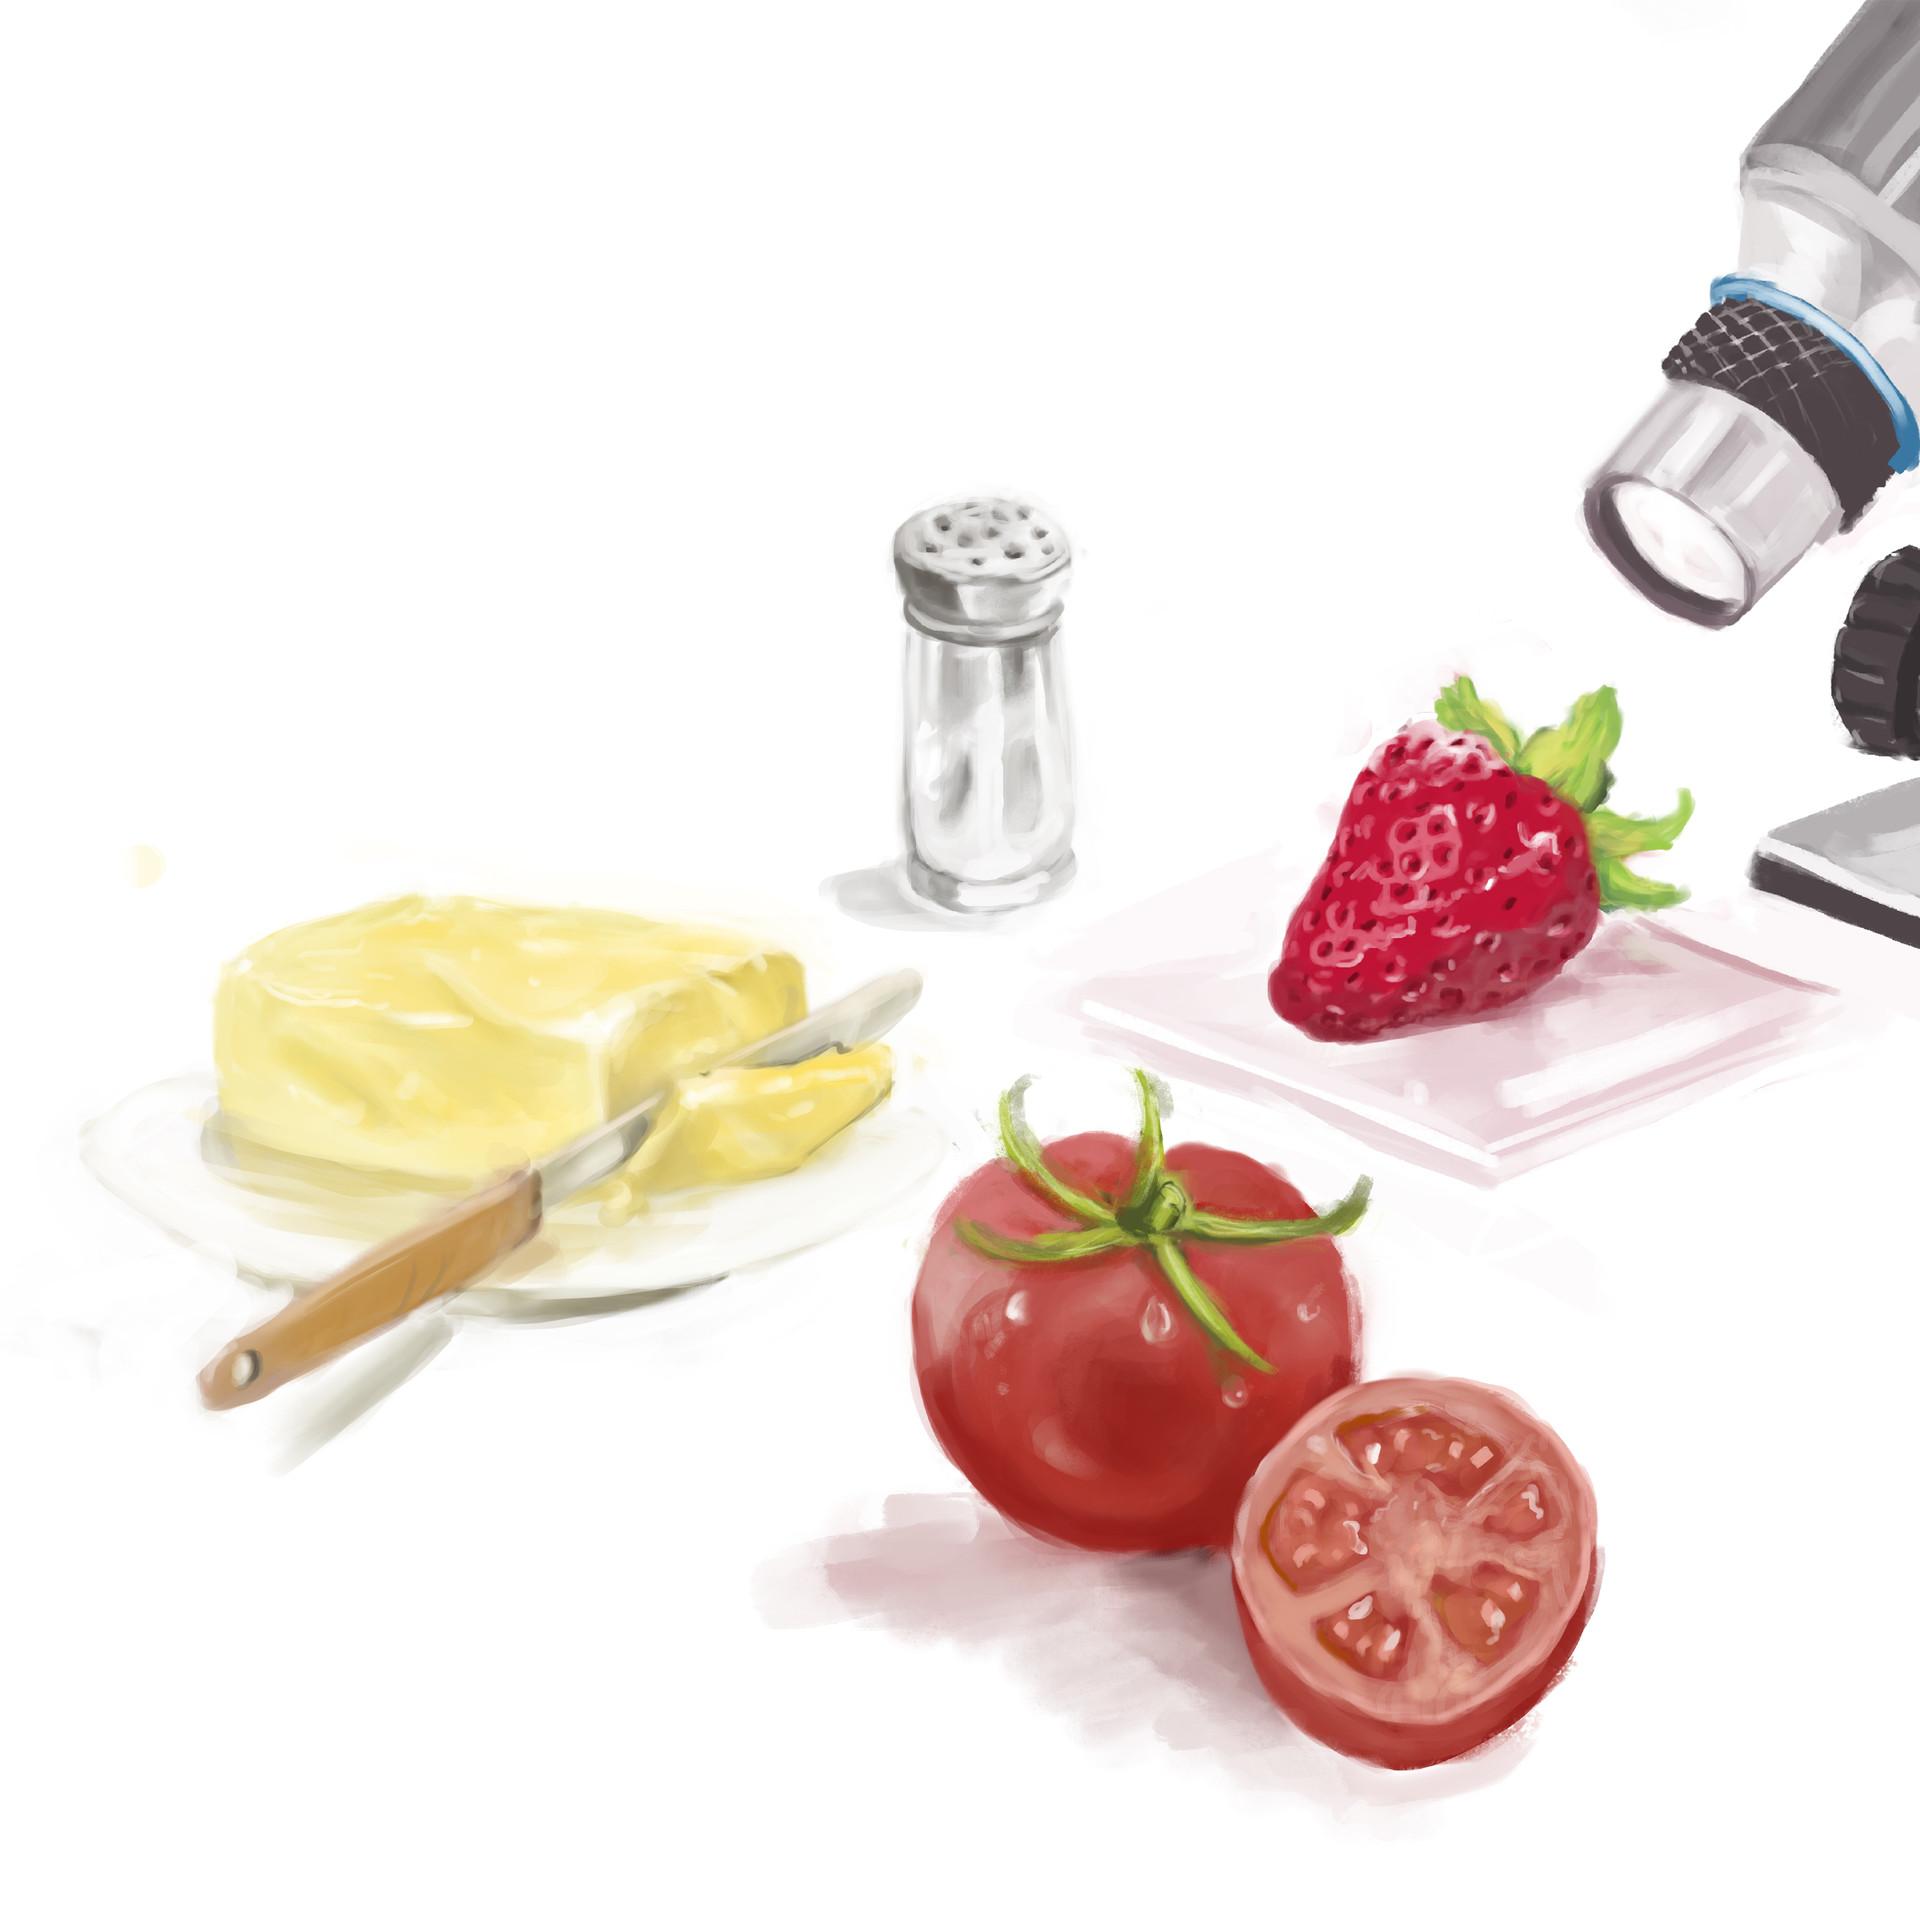 Euller pacheco verbo tomate e manteiga e tudo q a de boim